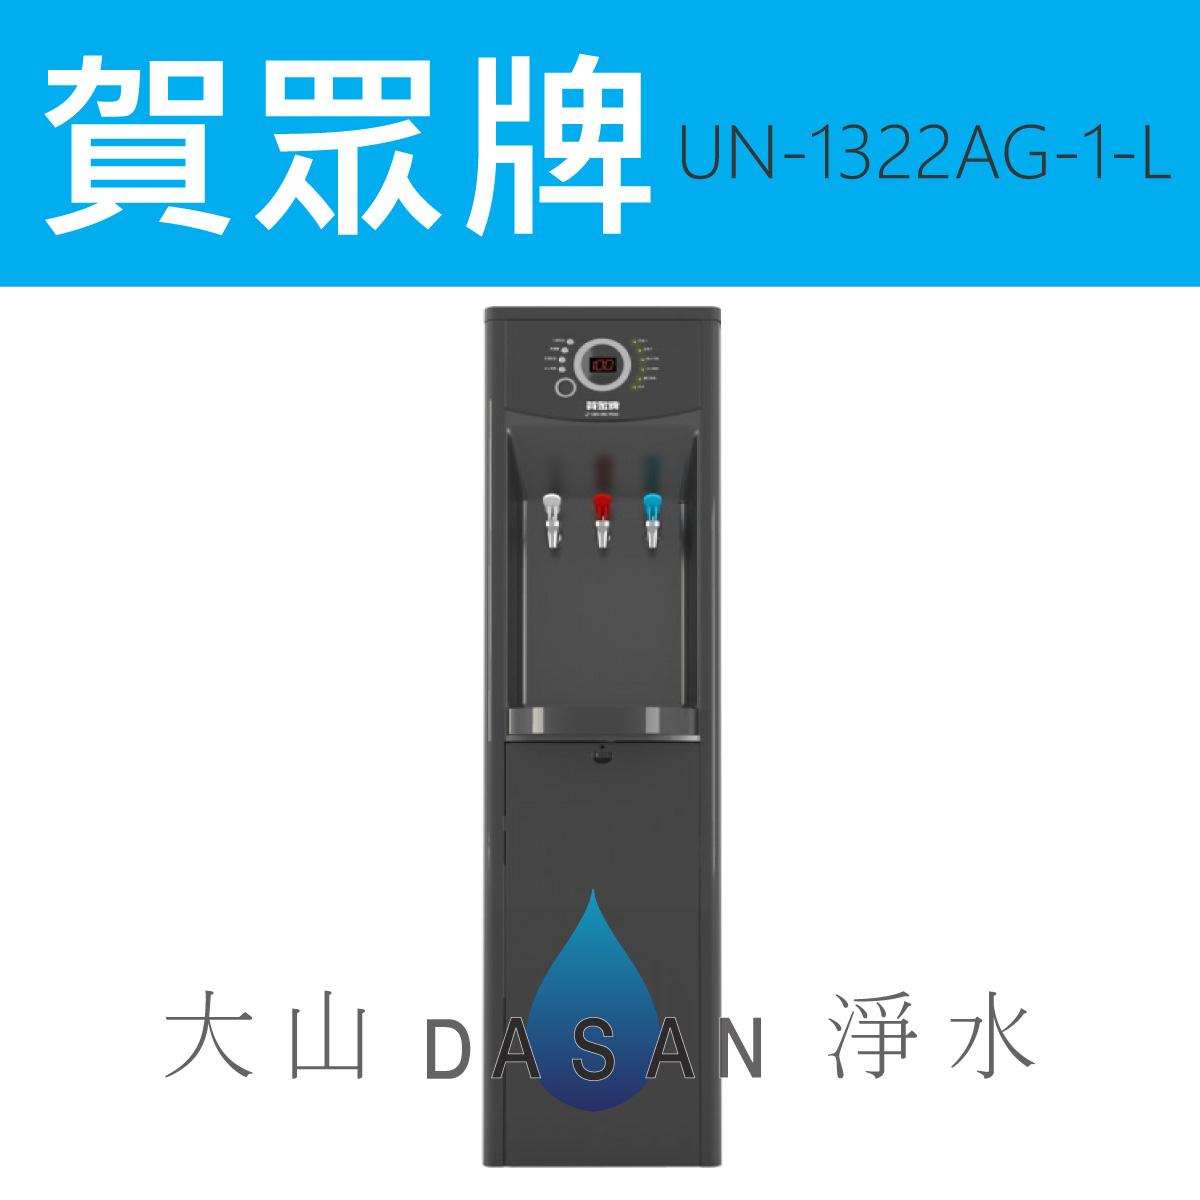 贈濾芯*2贈超商禮卷專業安裝賀眾牌UN-1322AG-1L直立式微電腦除鉛飲水機冰溫熱